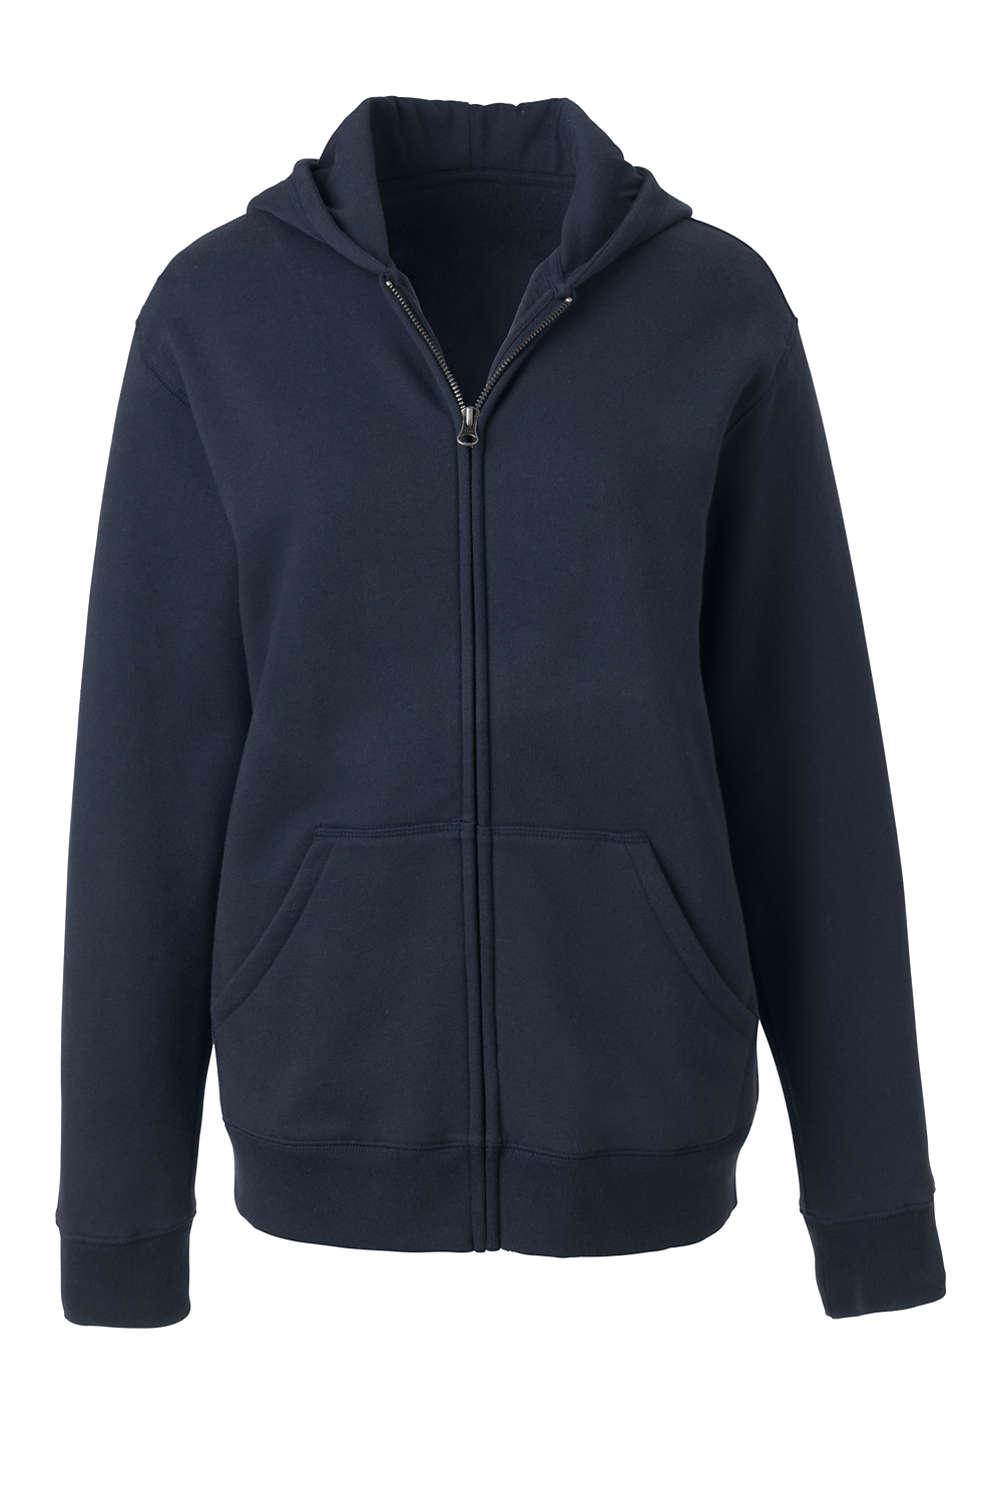 001d4809 Women's Zip-front Sweatshirt from Lands' End